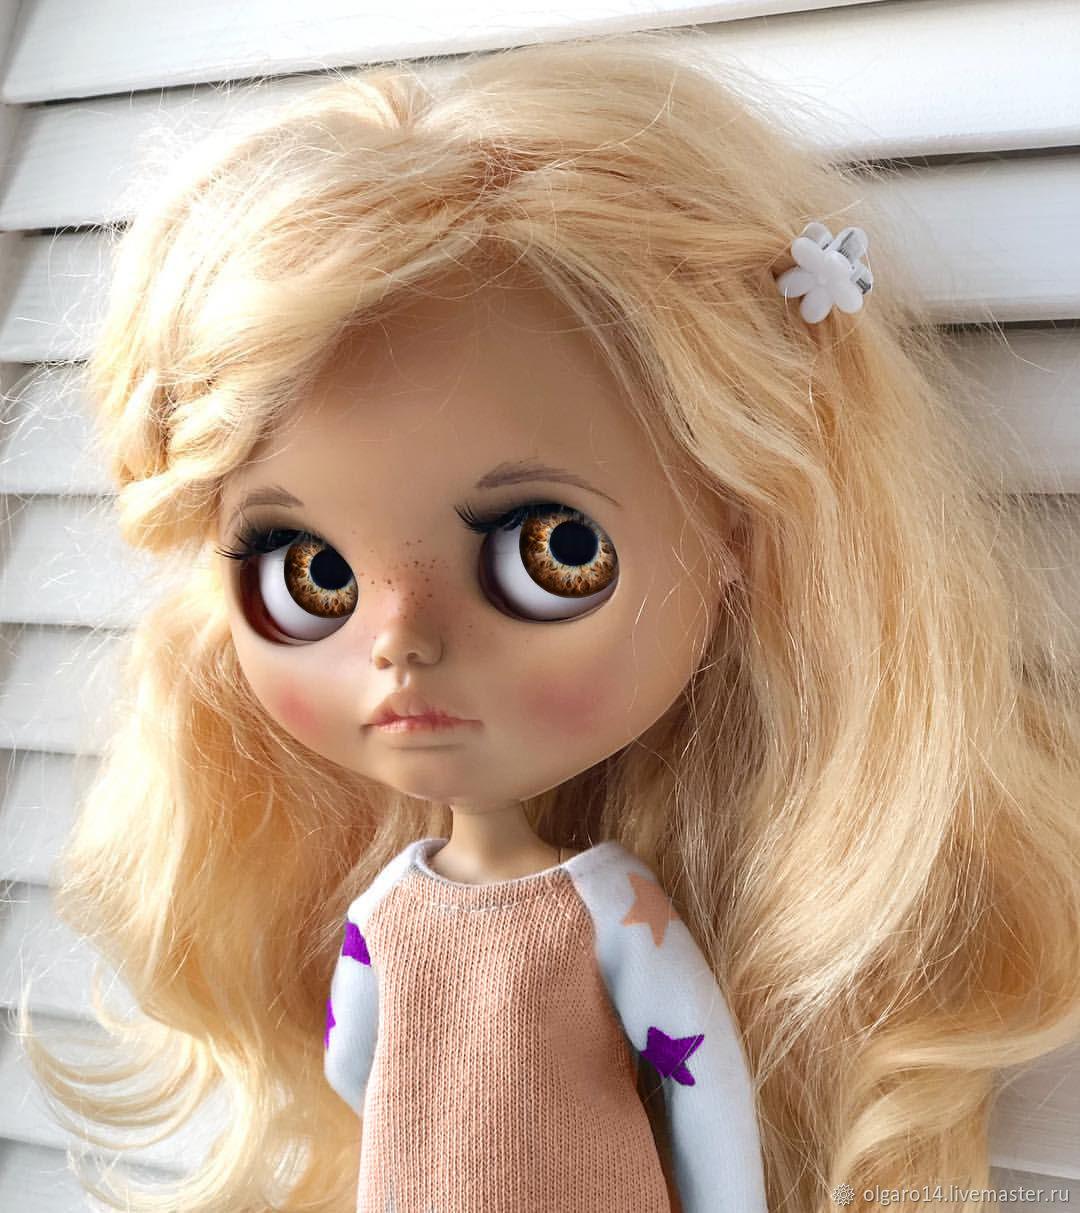 Радужка для кукол. Зрачки для кукол распечатка.Глазки для игрушек. Зр – купить на Ярмарке Мастеров – MBPGERU   Шаблоны для печати, Санкт-Петербург